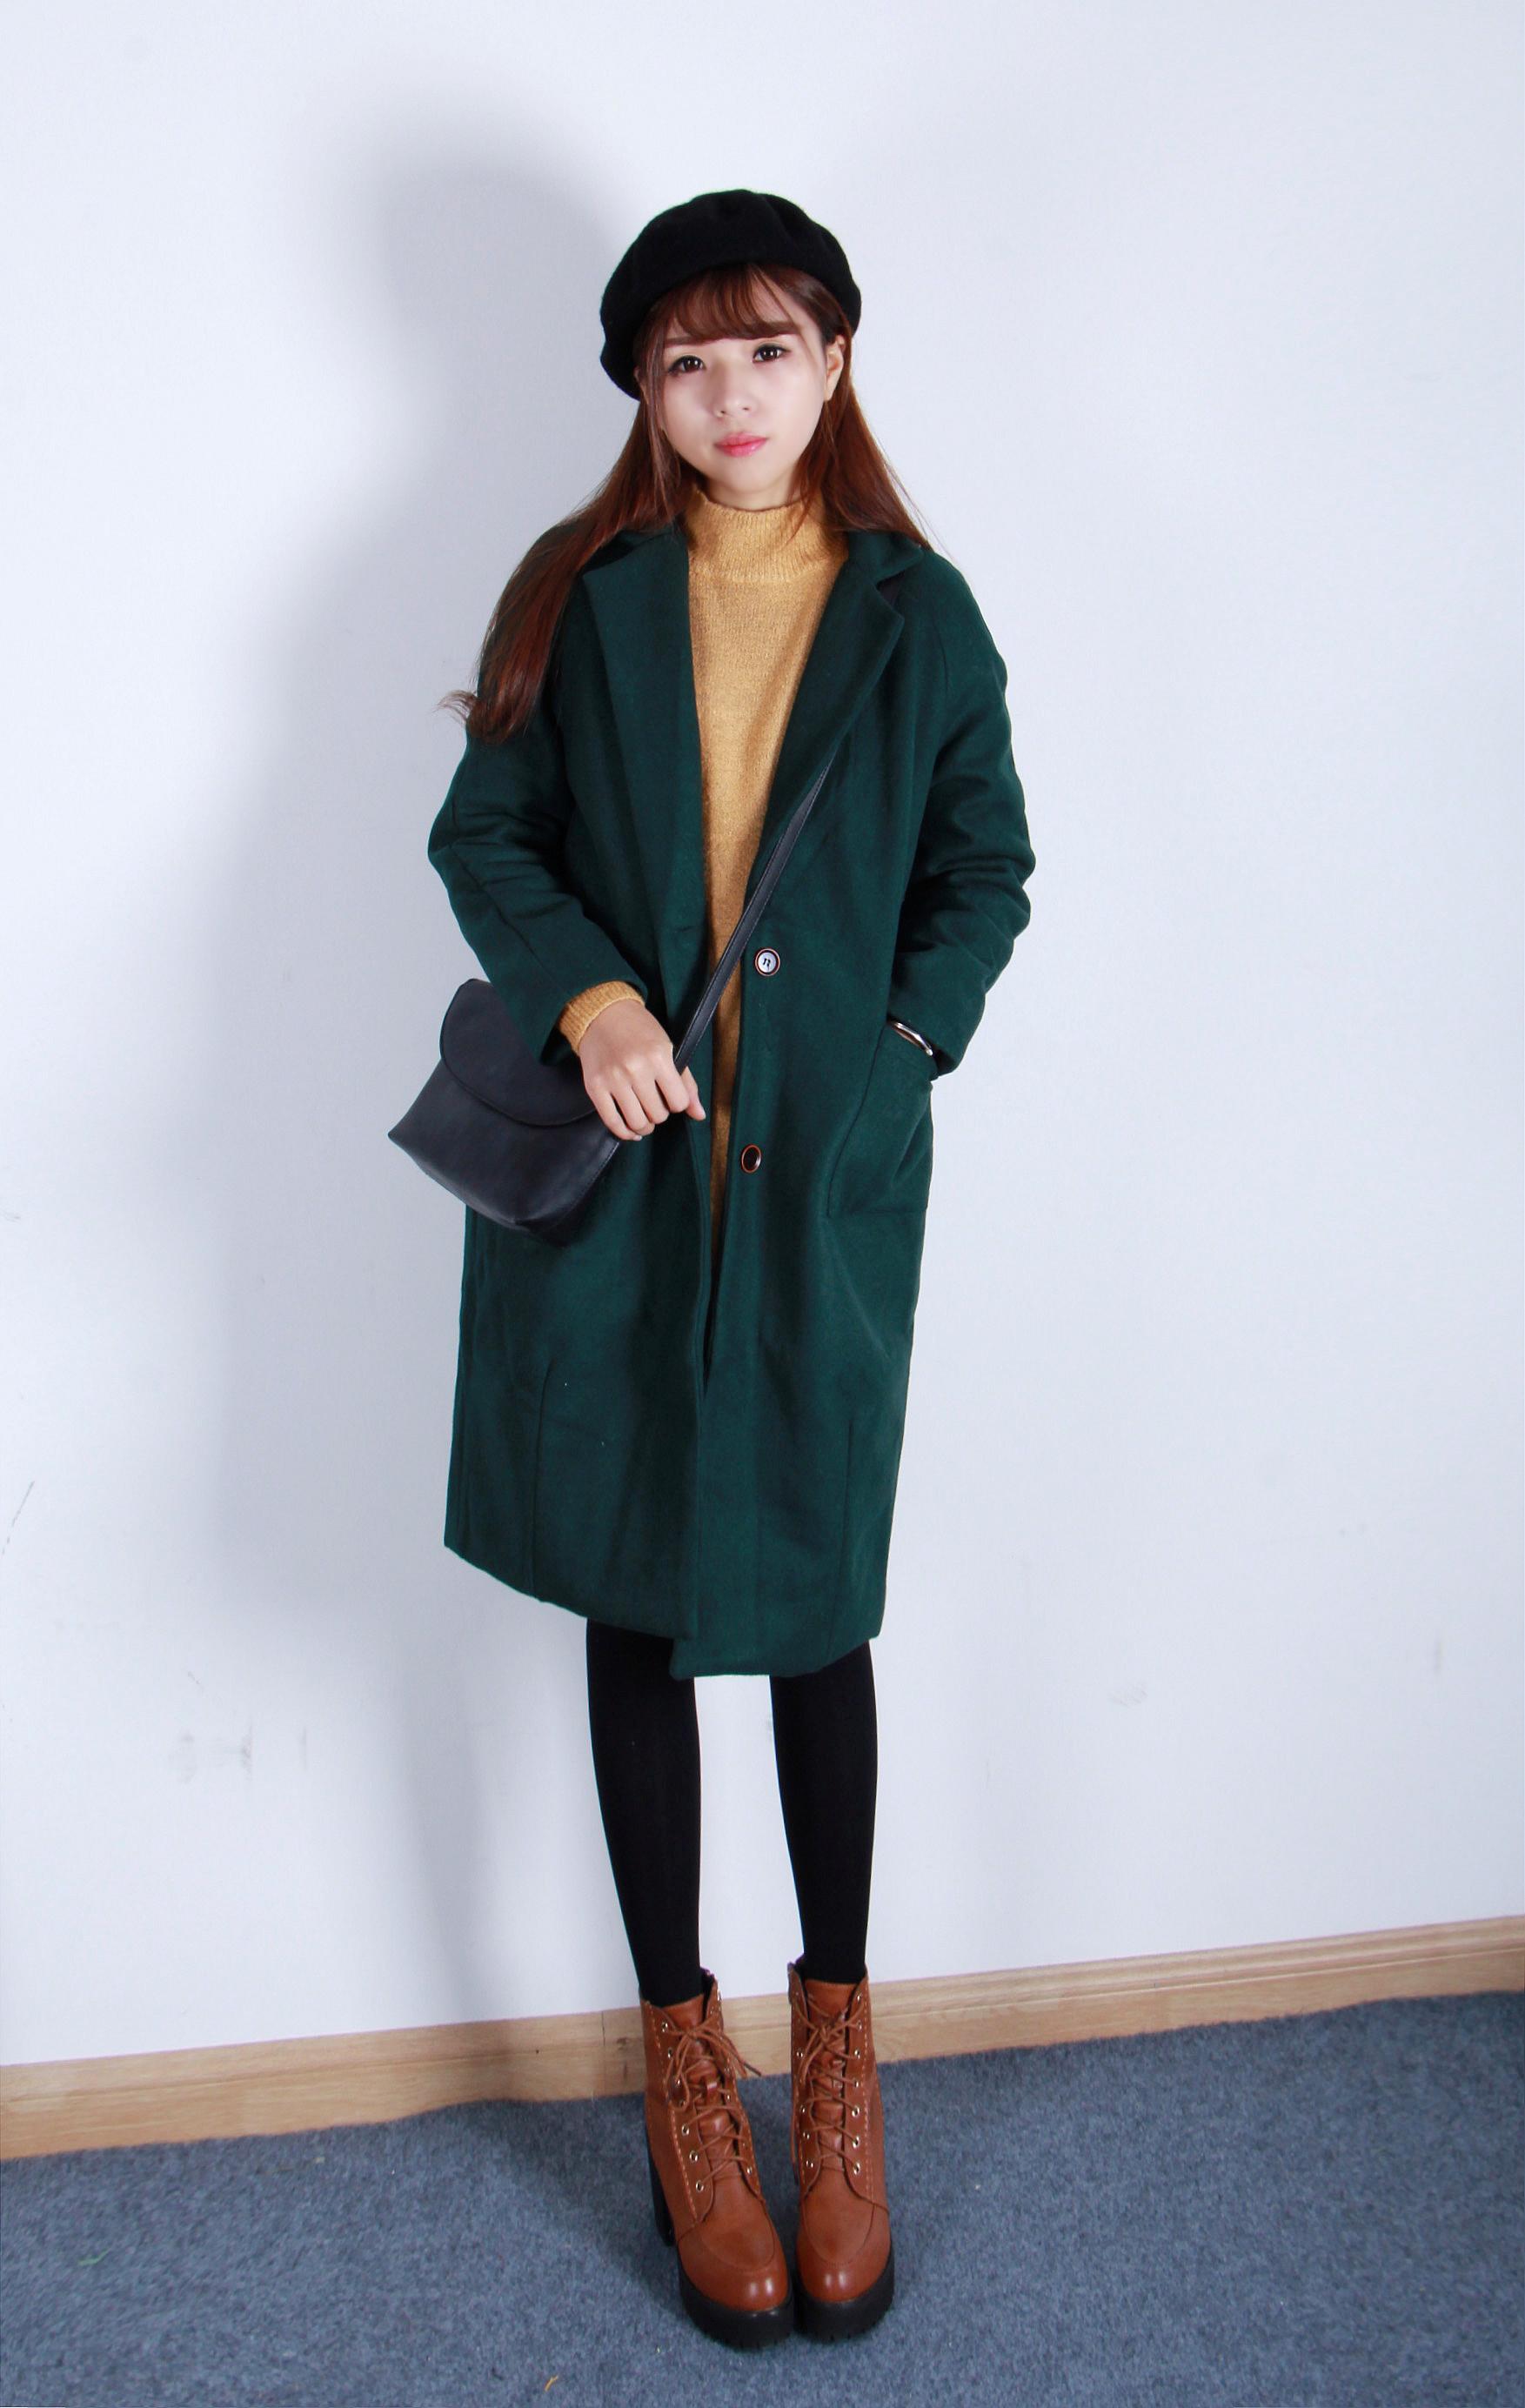 蚕茧型长款呢大衣搭配高领毛衣裙复古风的一套